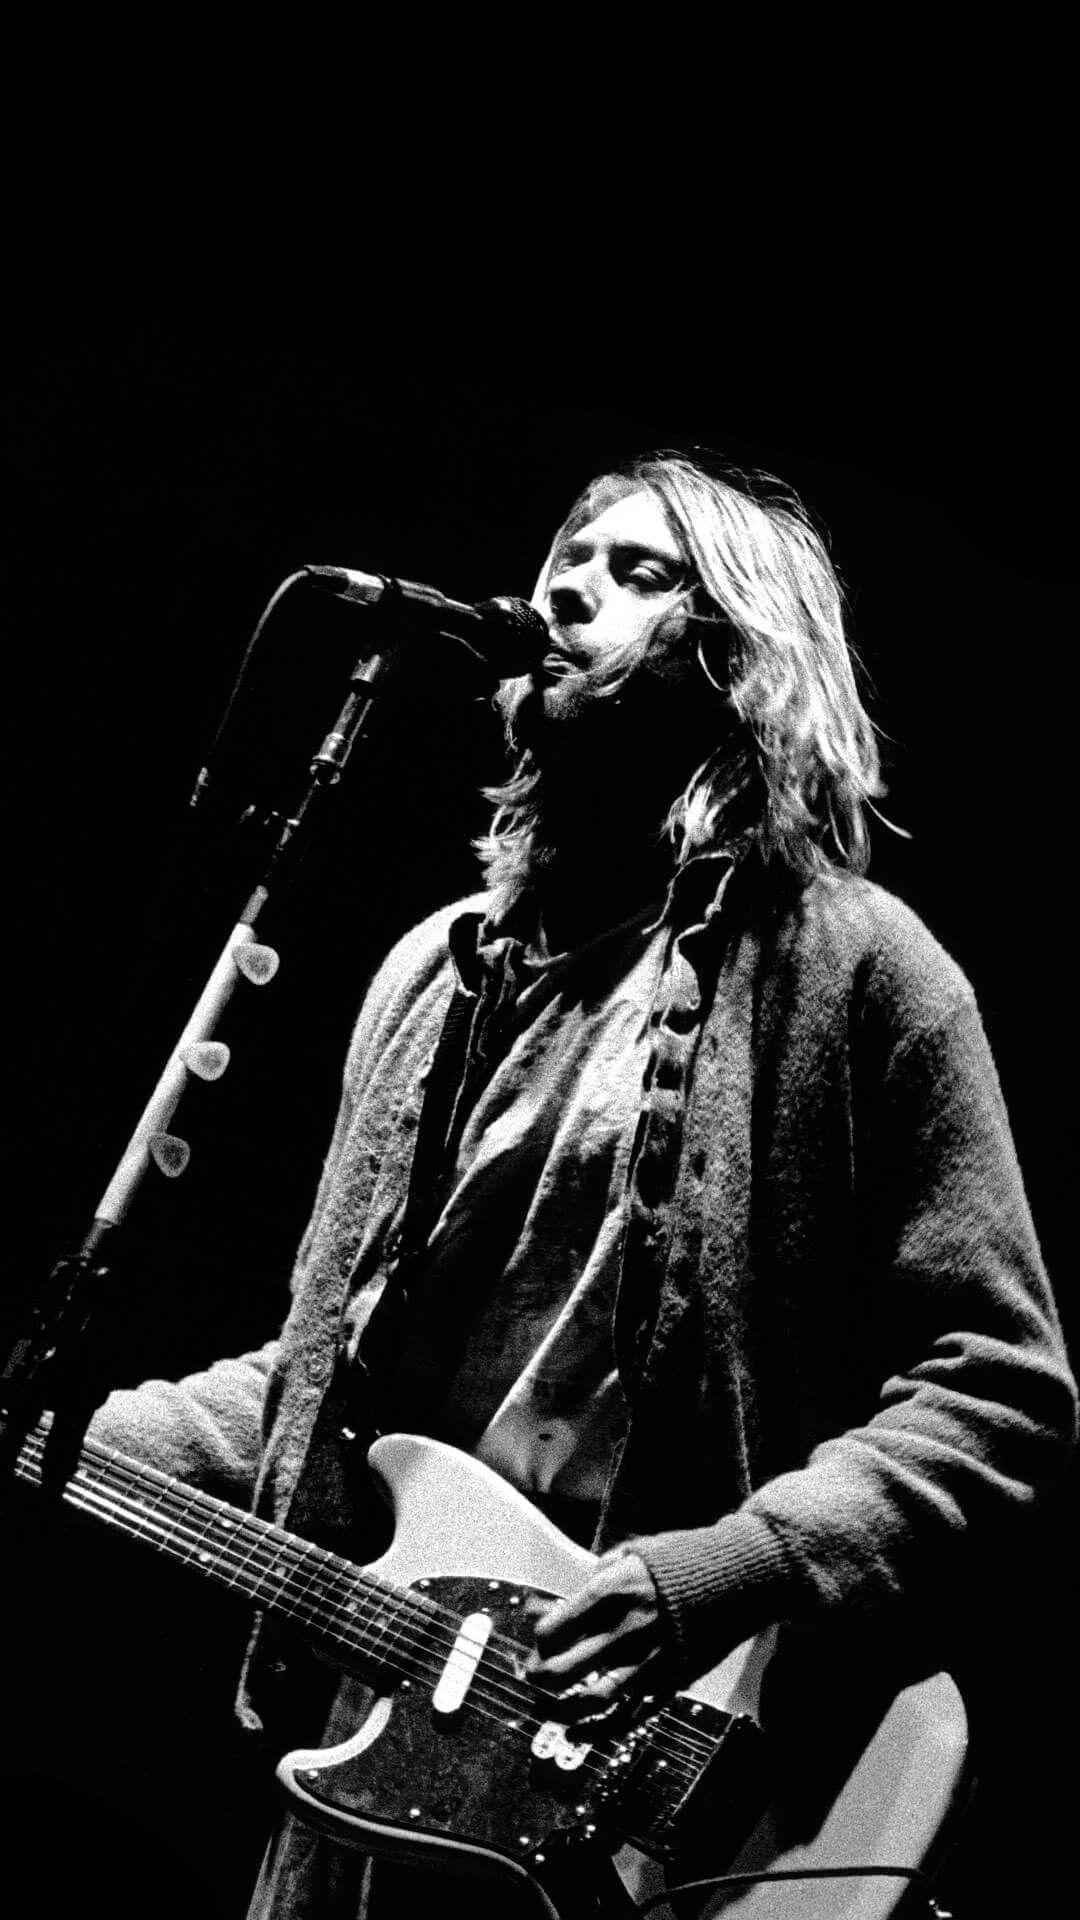 Emo Quotes Live Wallpaper Kurt Cobain Iphone 6 Plus Wallpaper Hd Actors And